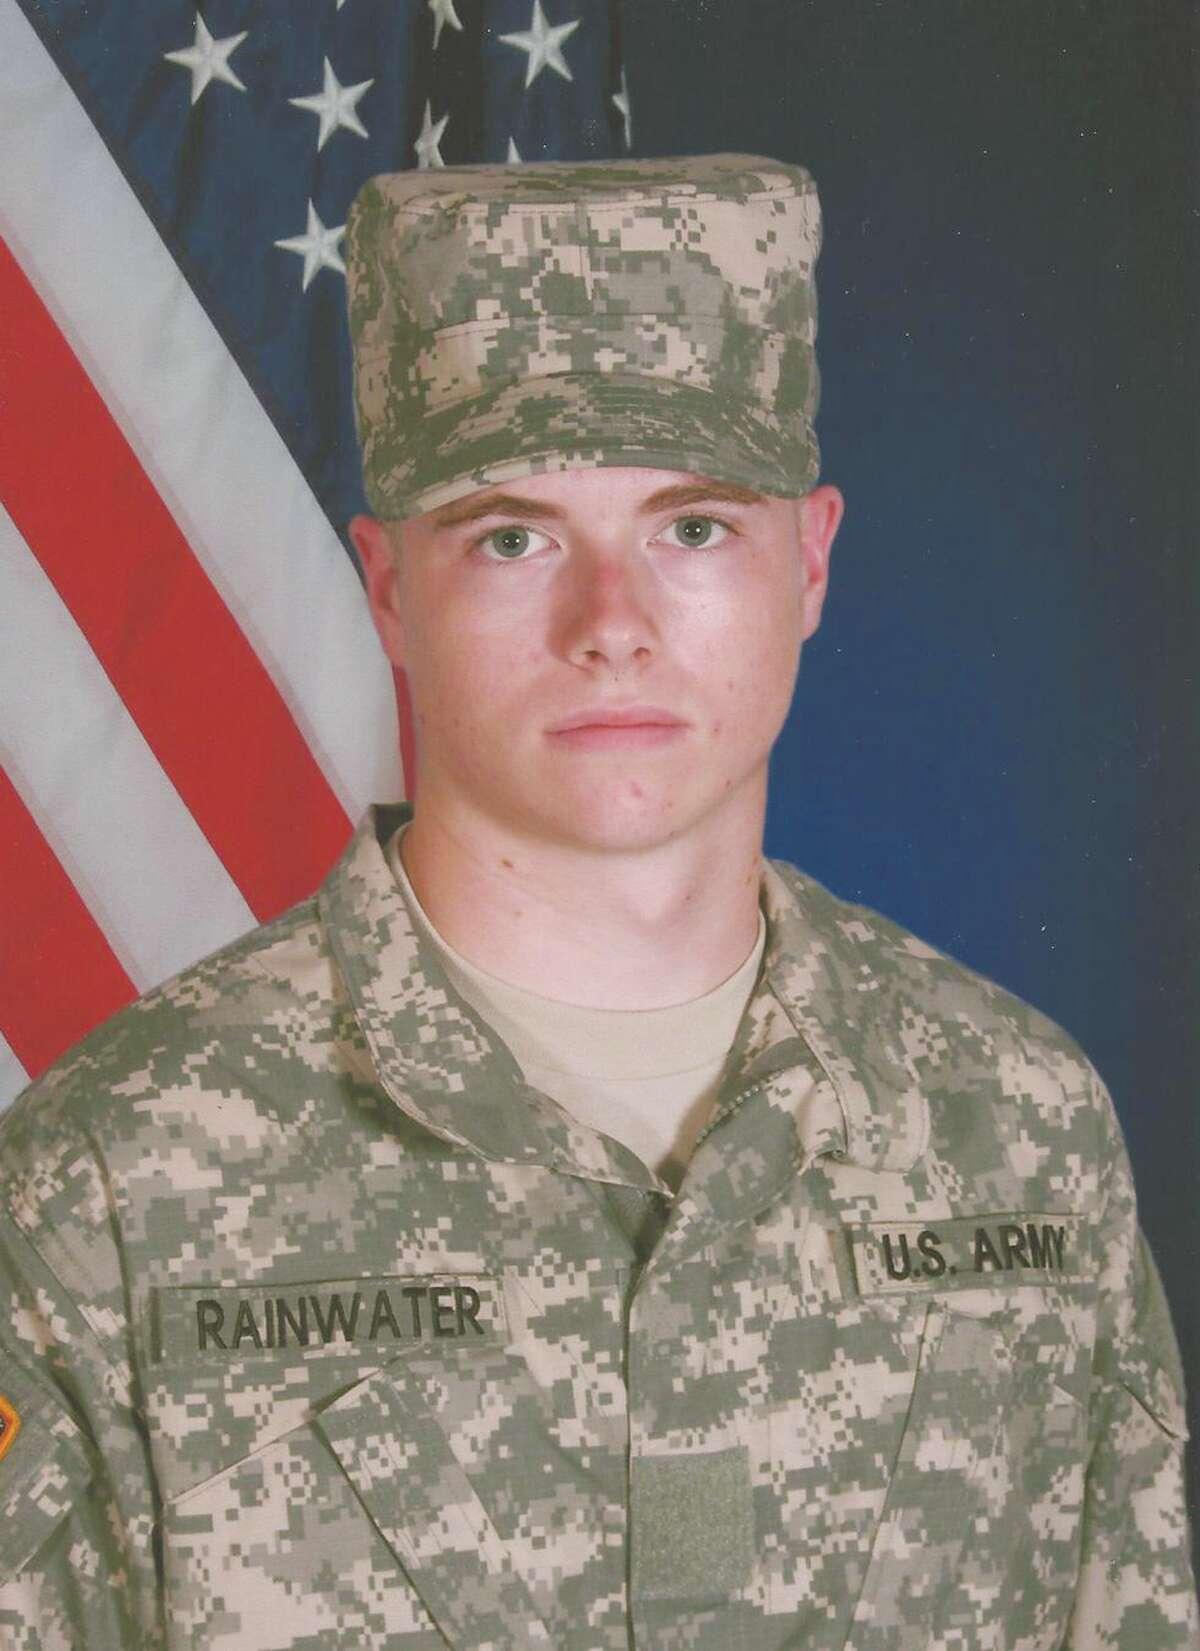 Oscar Raffel, Tec 5, U.S. Army